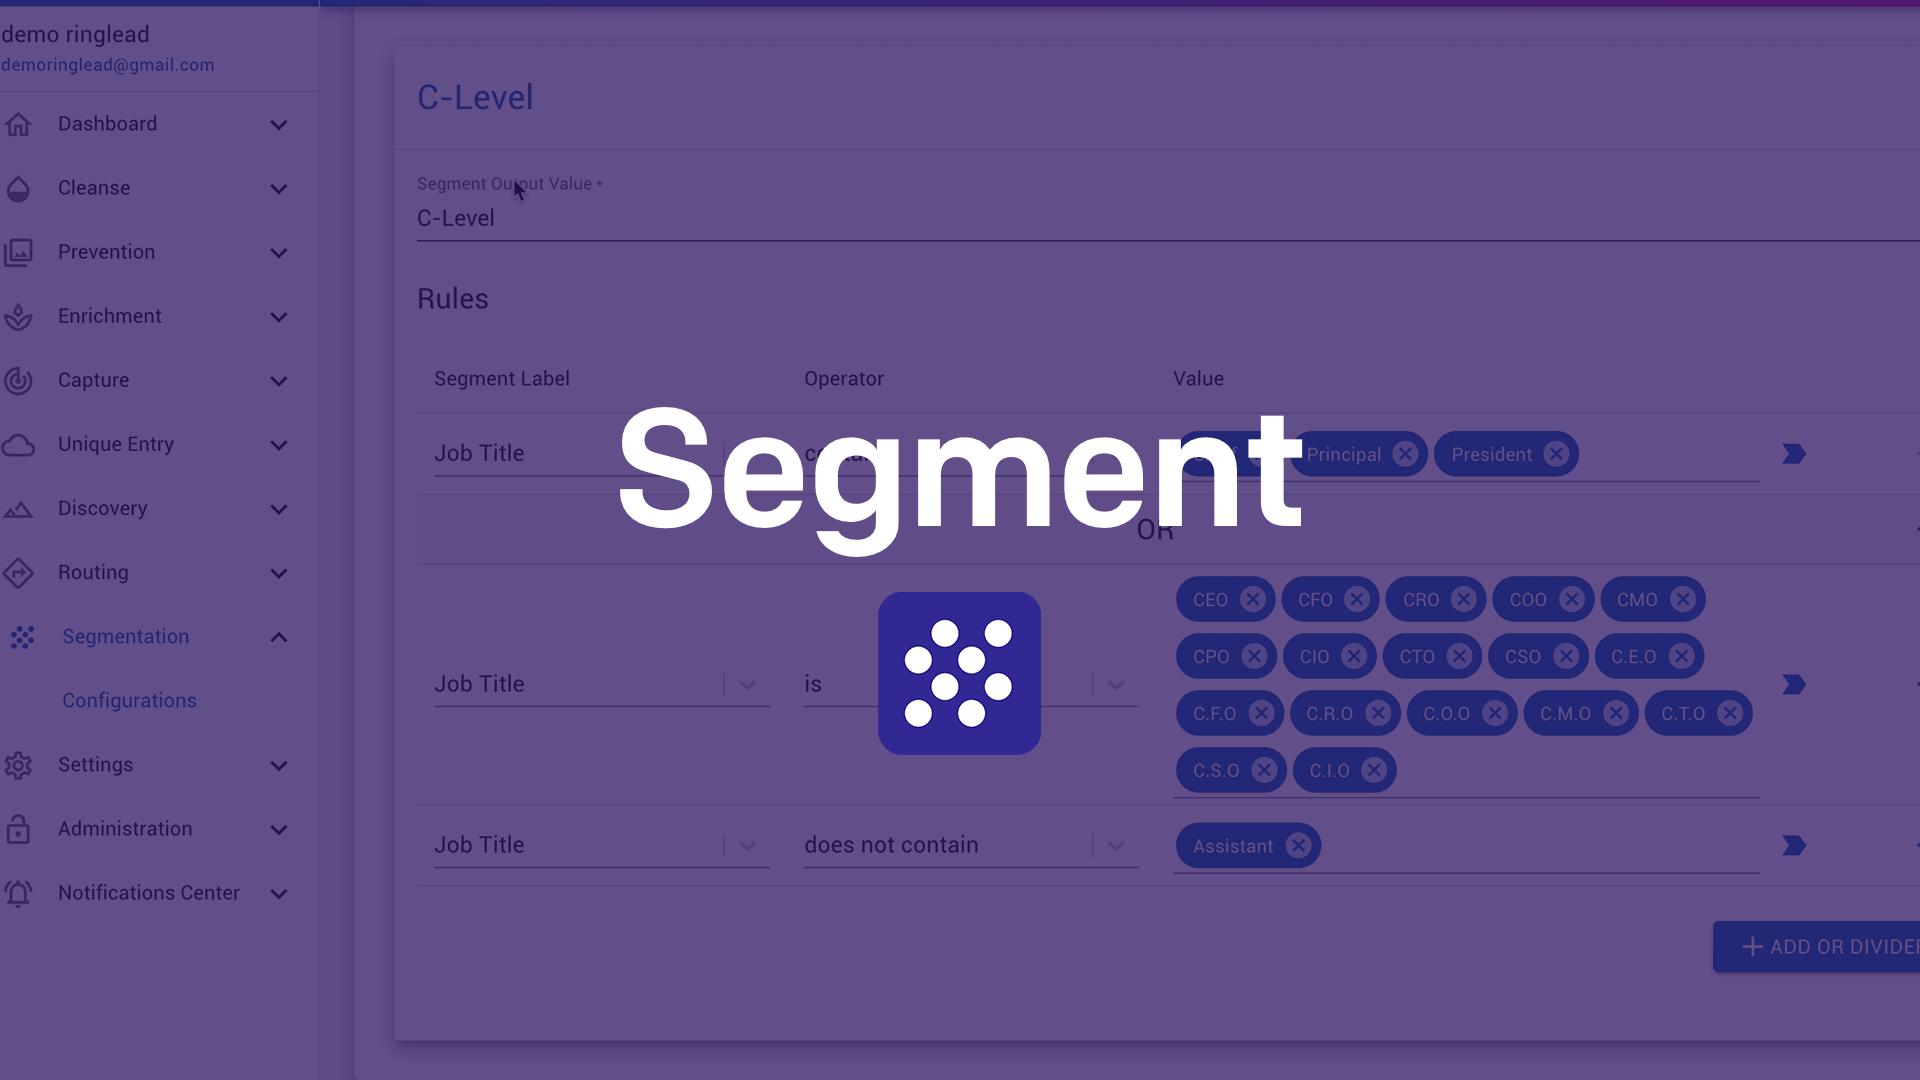 RingLead Segment Overview